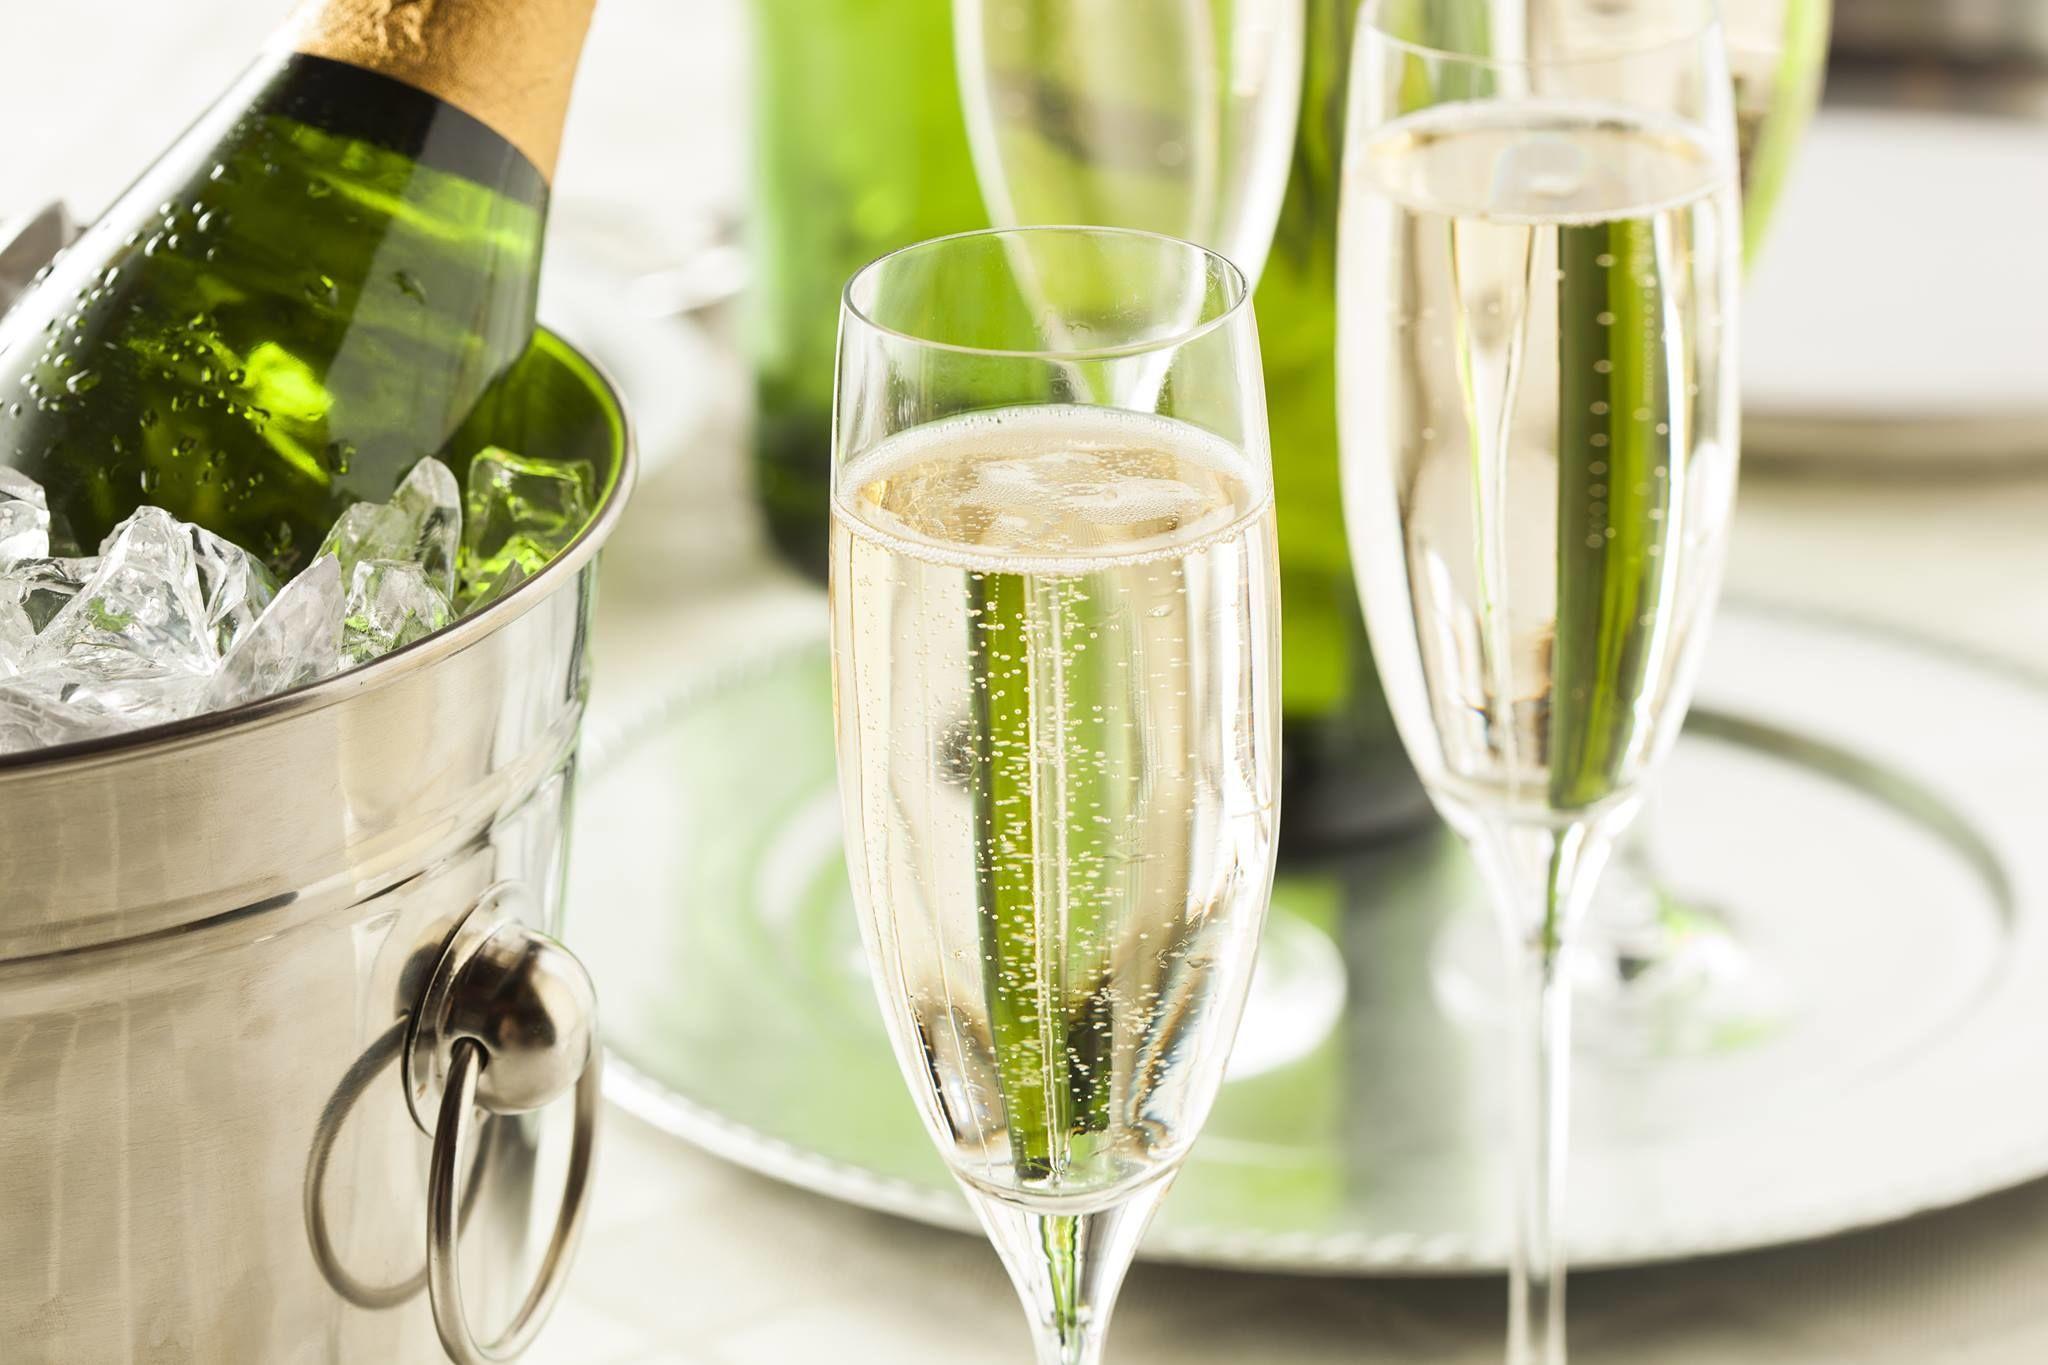 Як відкрити шампанське штопором, ножем або якщо зламалася пробка. - Цікaвинки - TCH.ua